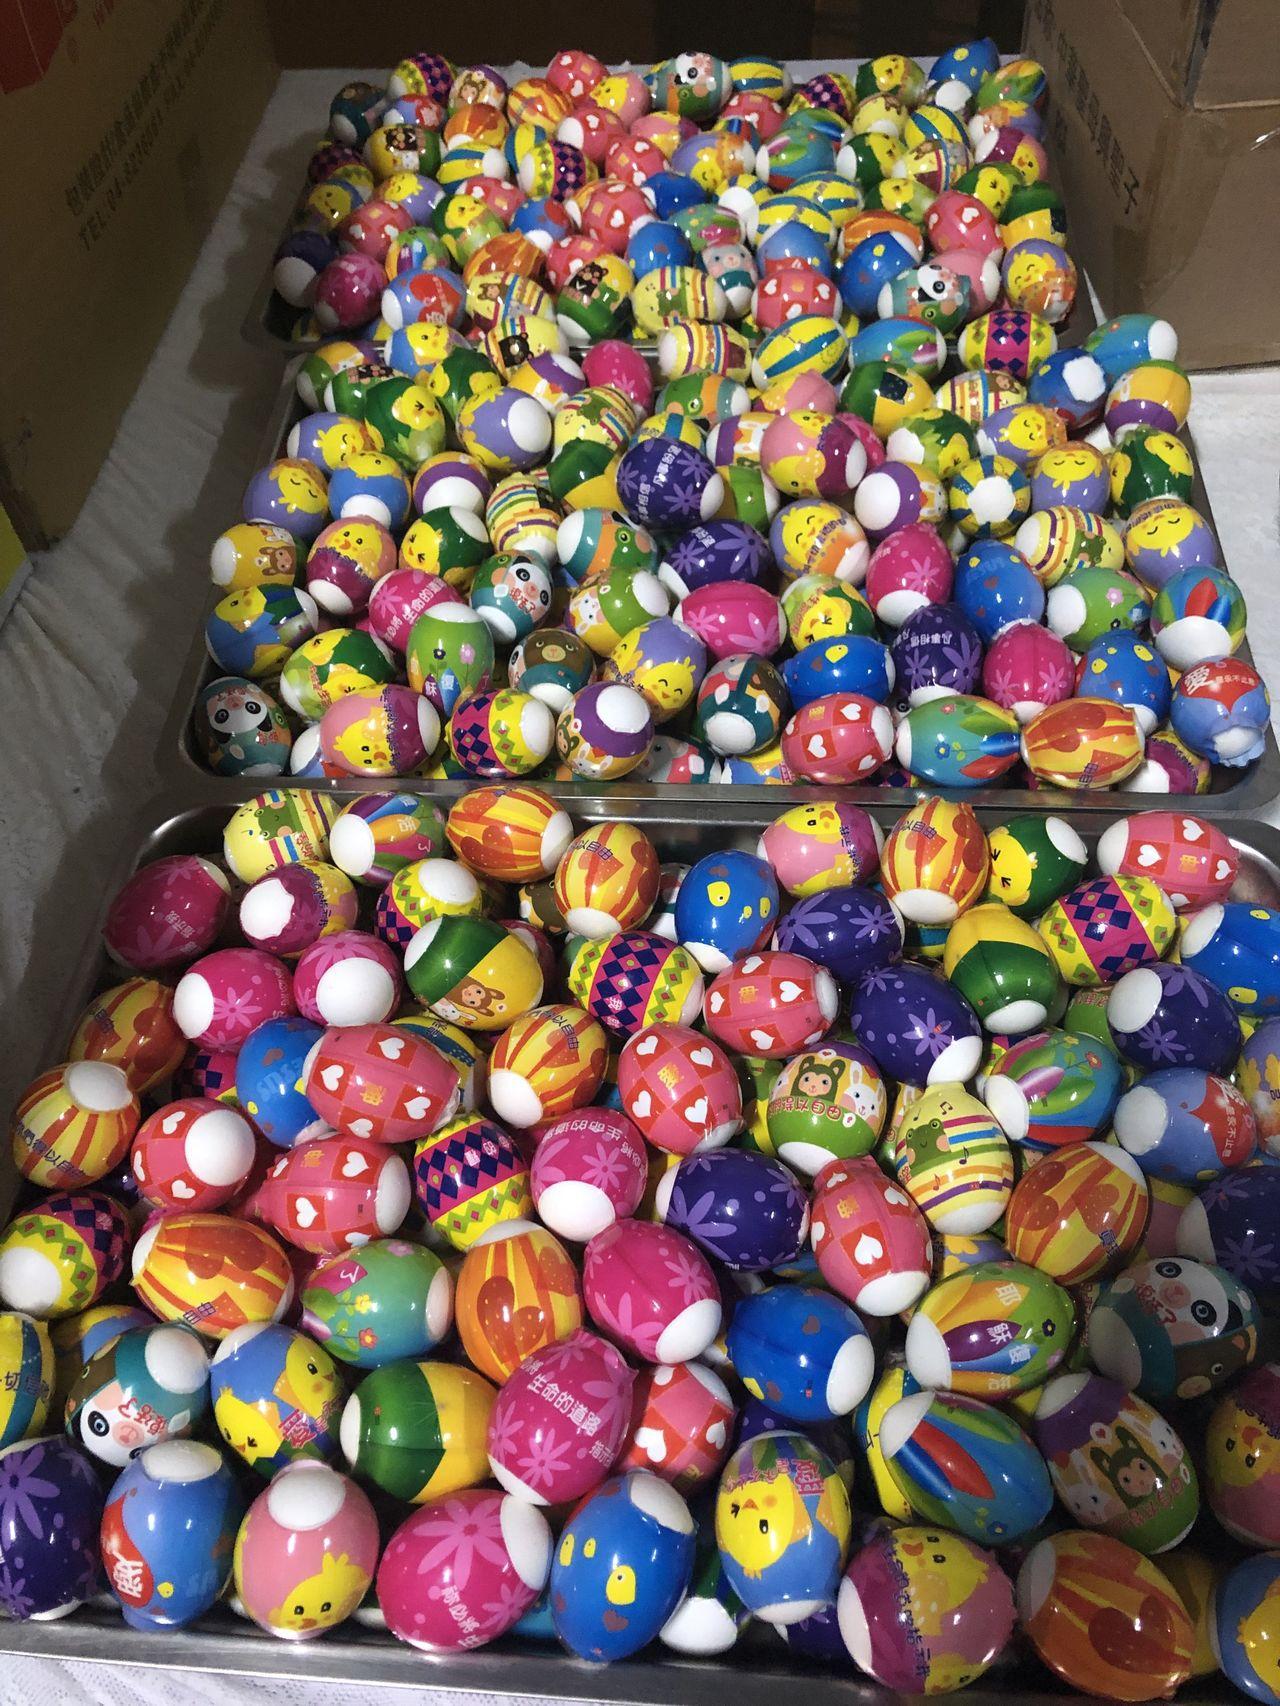 今天復活節,彩蛋是復活節重要象徵,從12世紀開始,歐洲國家人民有互贈復活蛋習俗,...